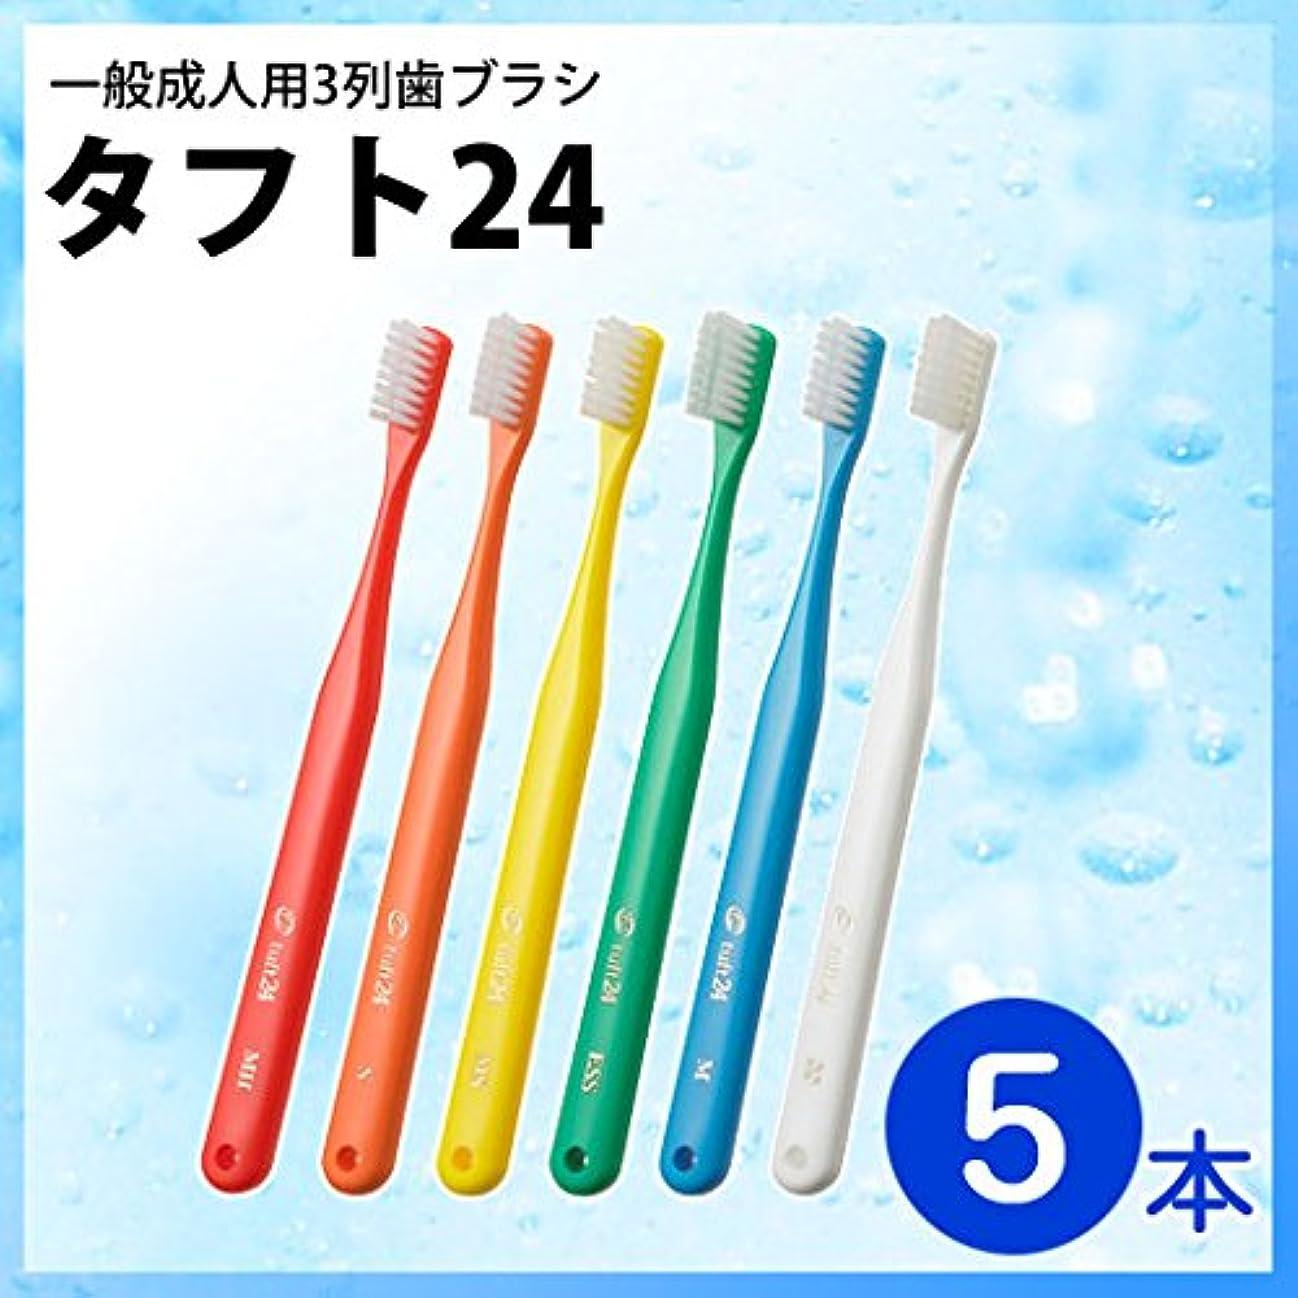 可聴面だますタフト24 5本セット オーラルケア 一般成人用 3列歯ブラシ MS(ミディアムソフト) グリーン